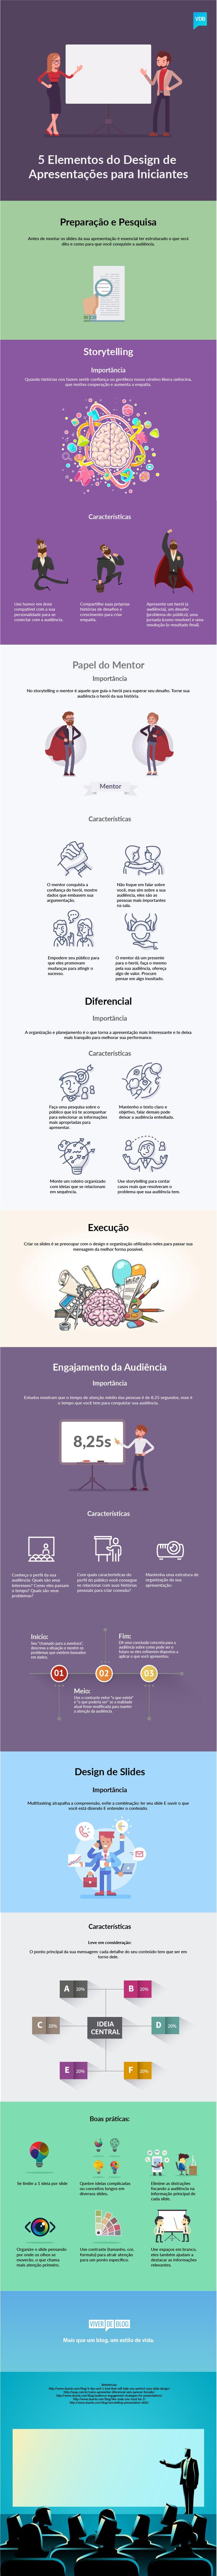 [Infográfico] O Design de Apresentações para Iniciantes | Viver de Blog